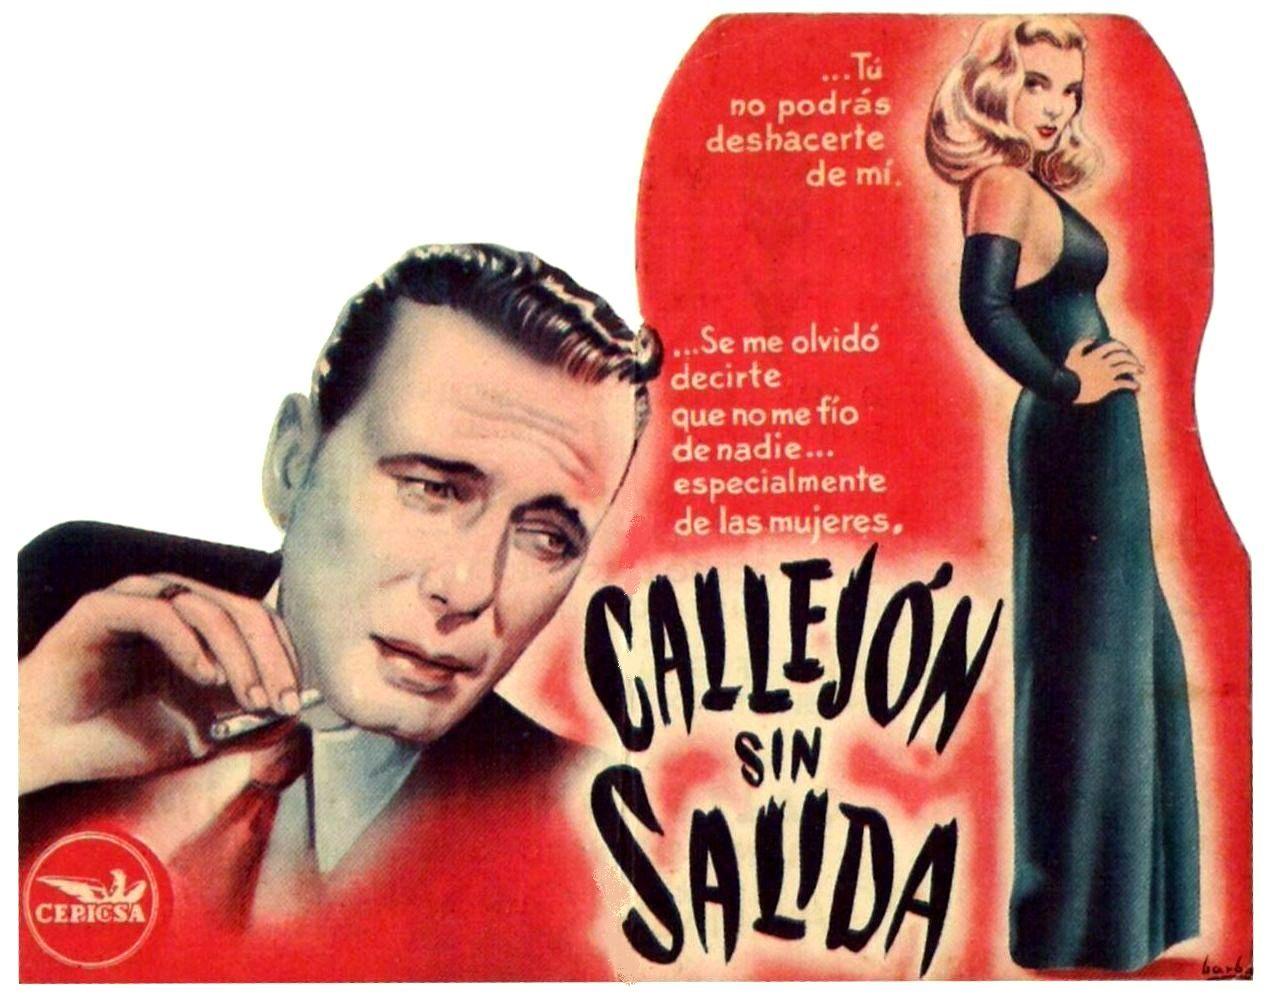 Callejón sin salida(1947) tt0039305  PP